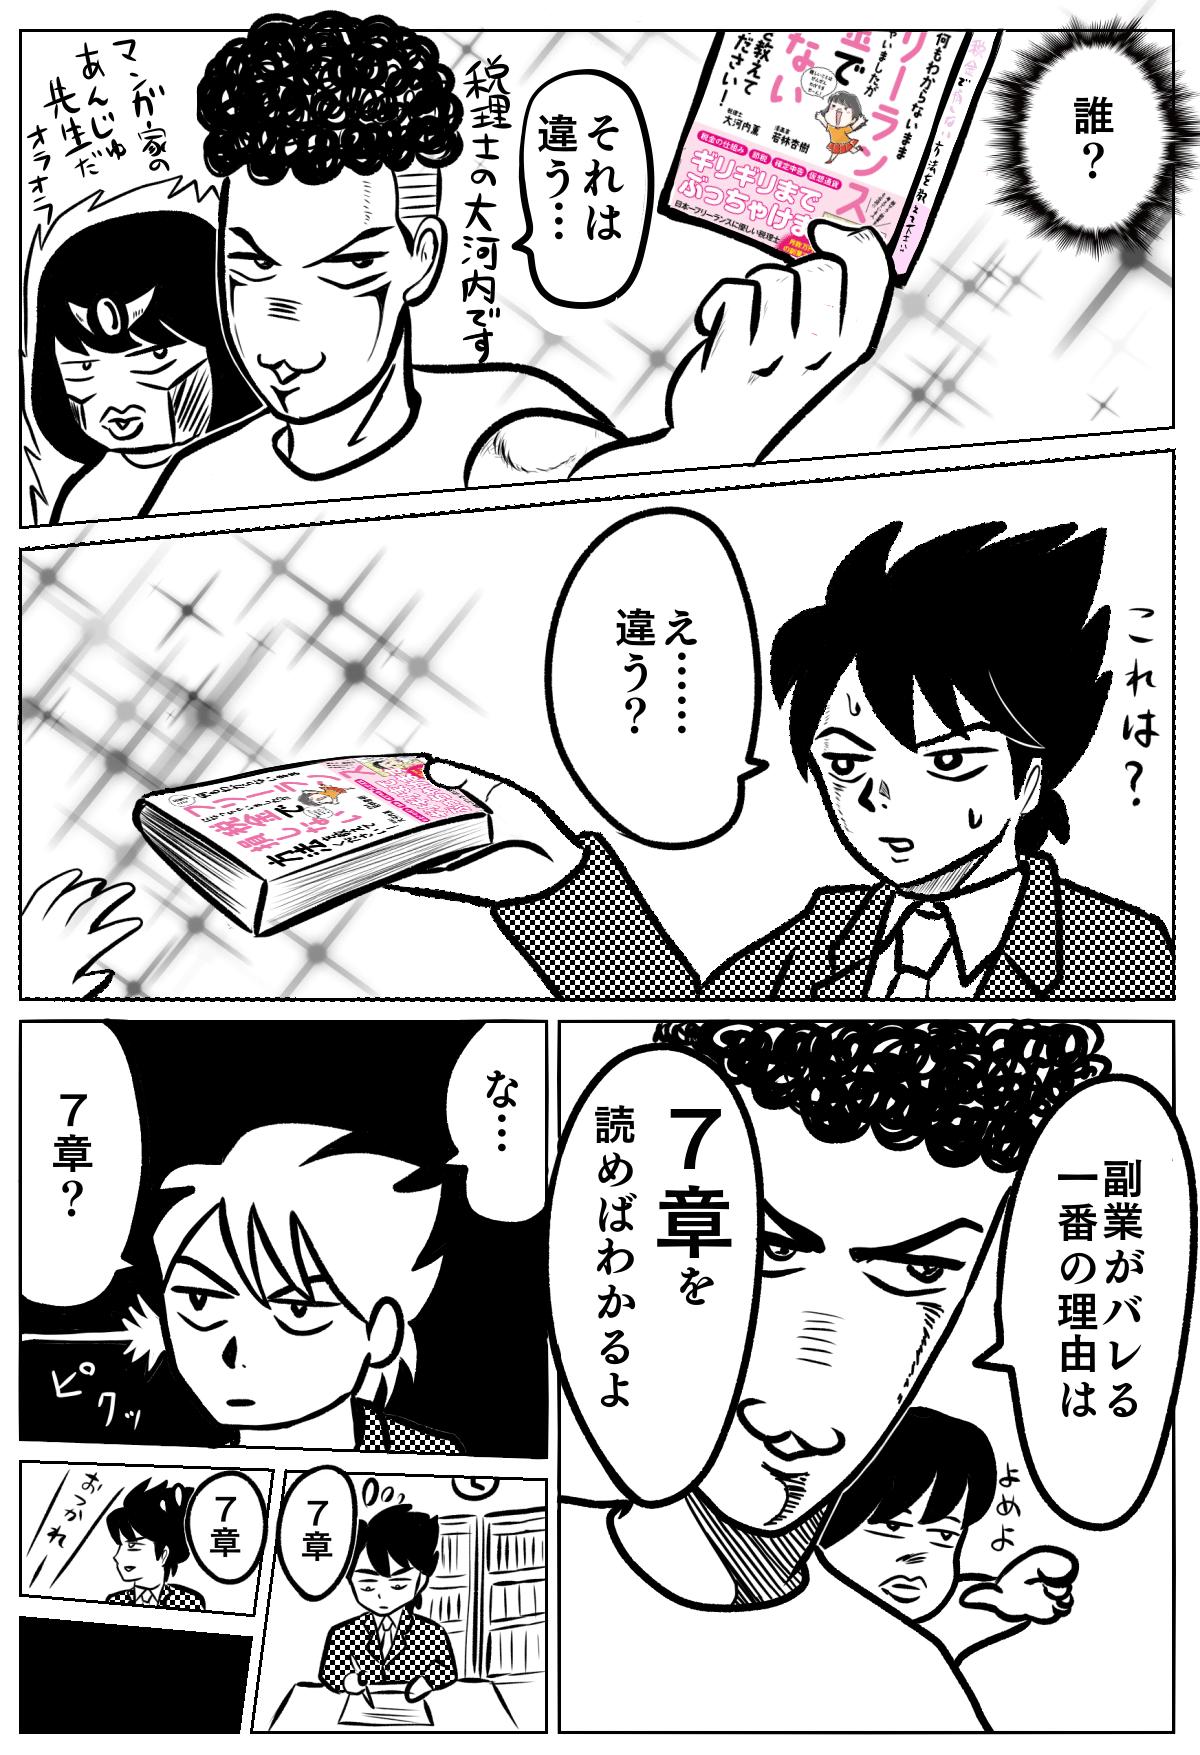 副業バレ怖い漫画3